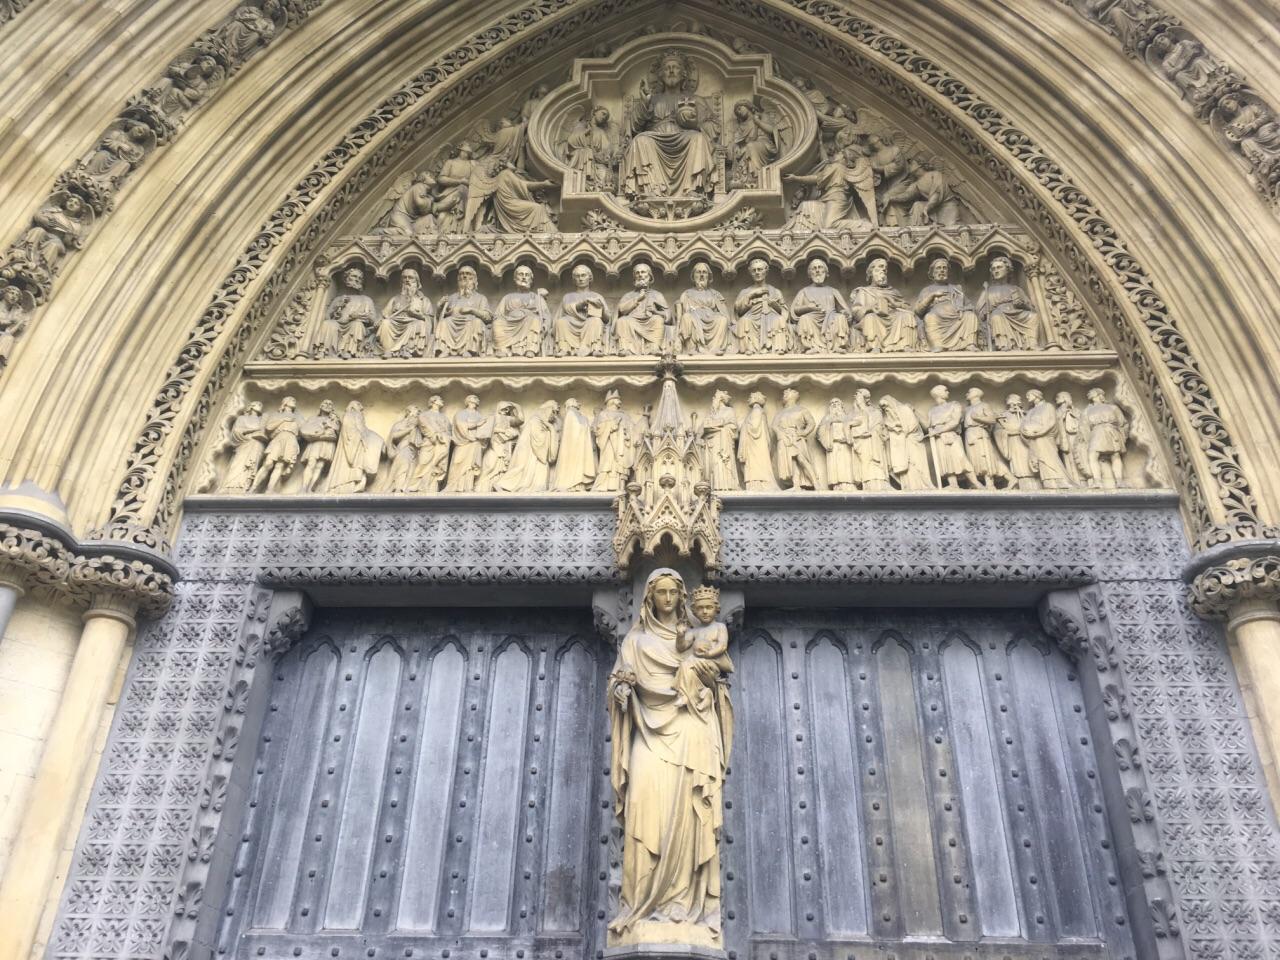 威斯敏斯特教堂威斯敏斯特教堂